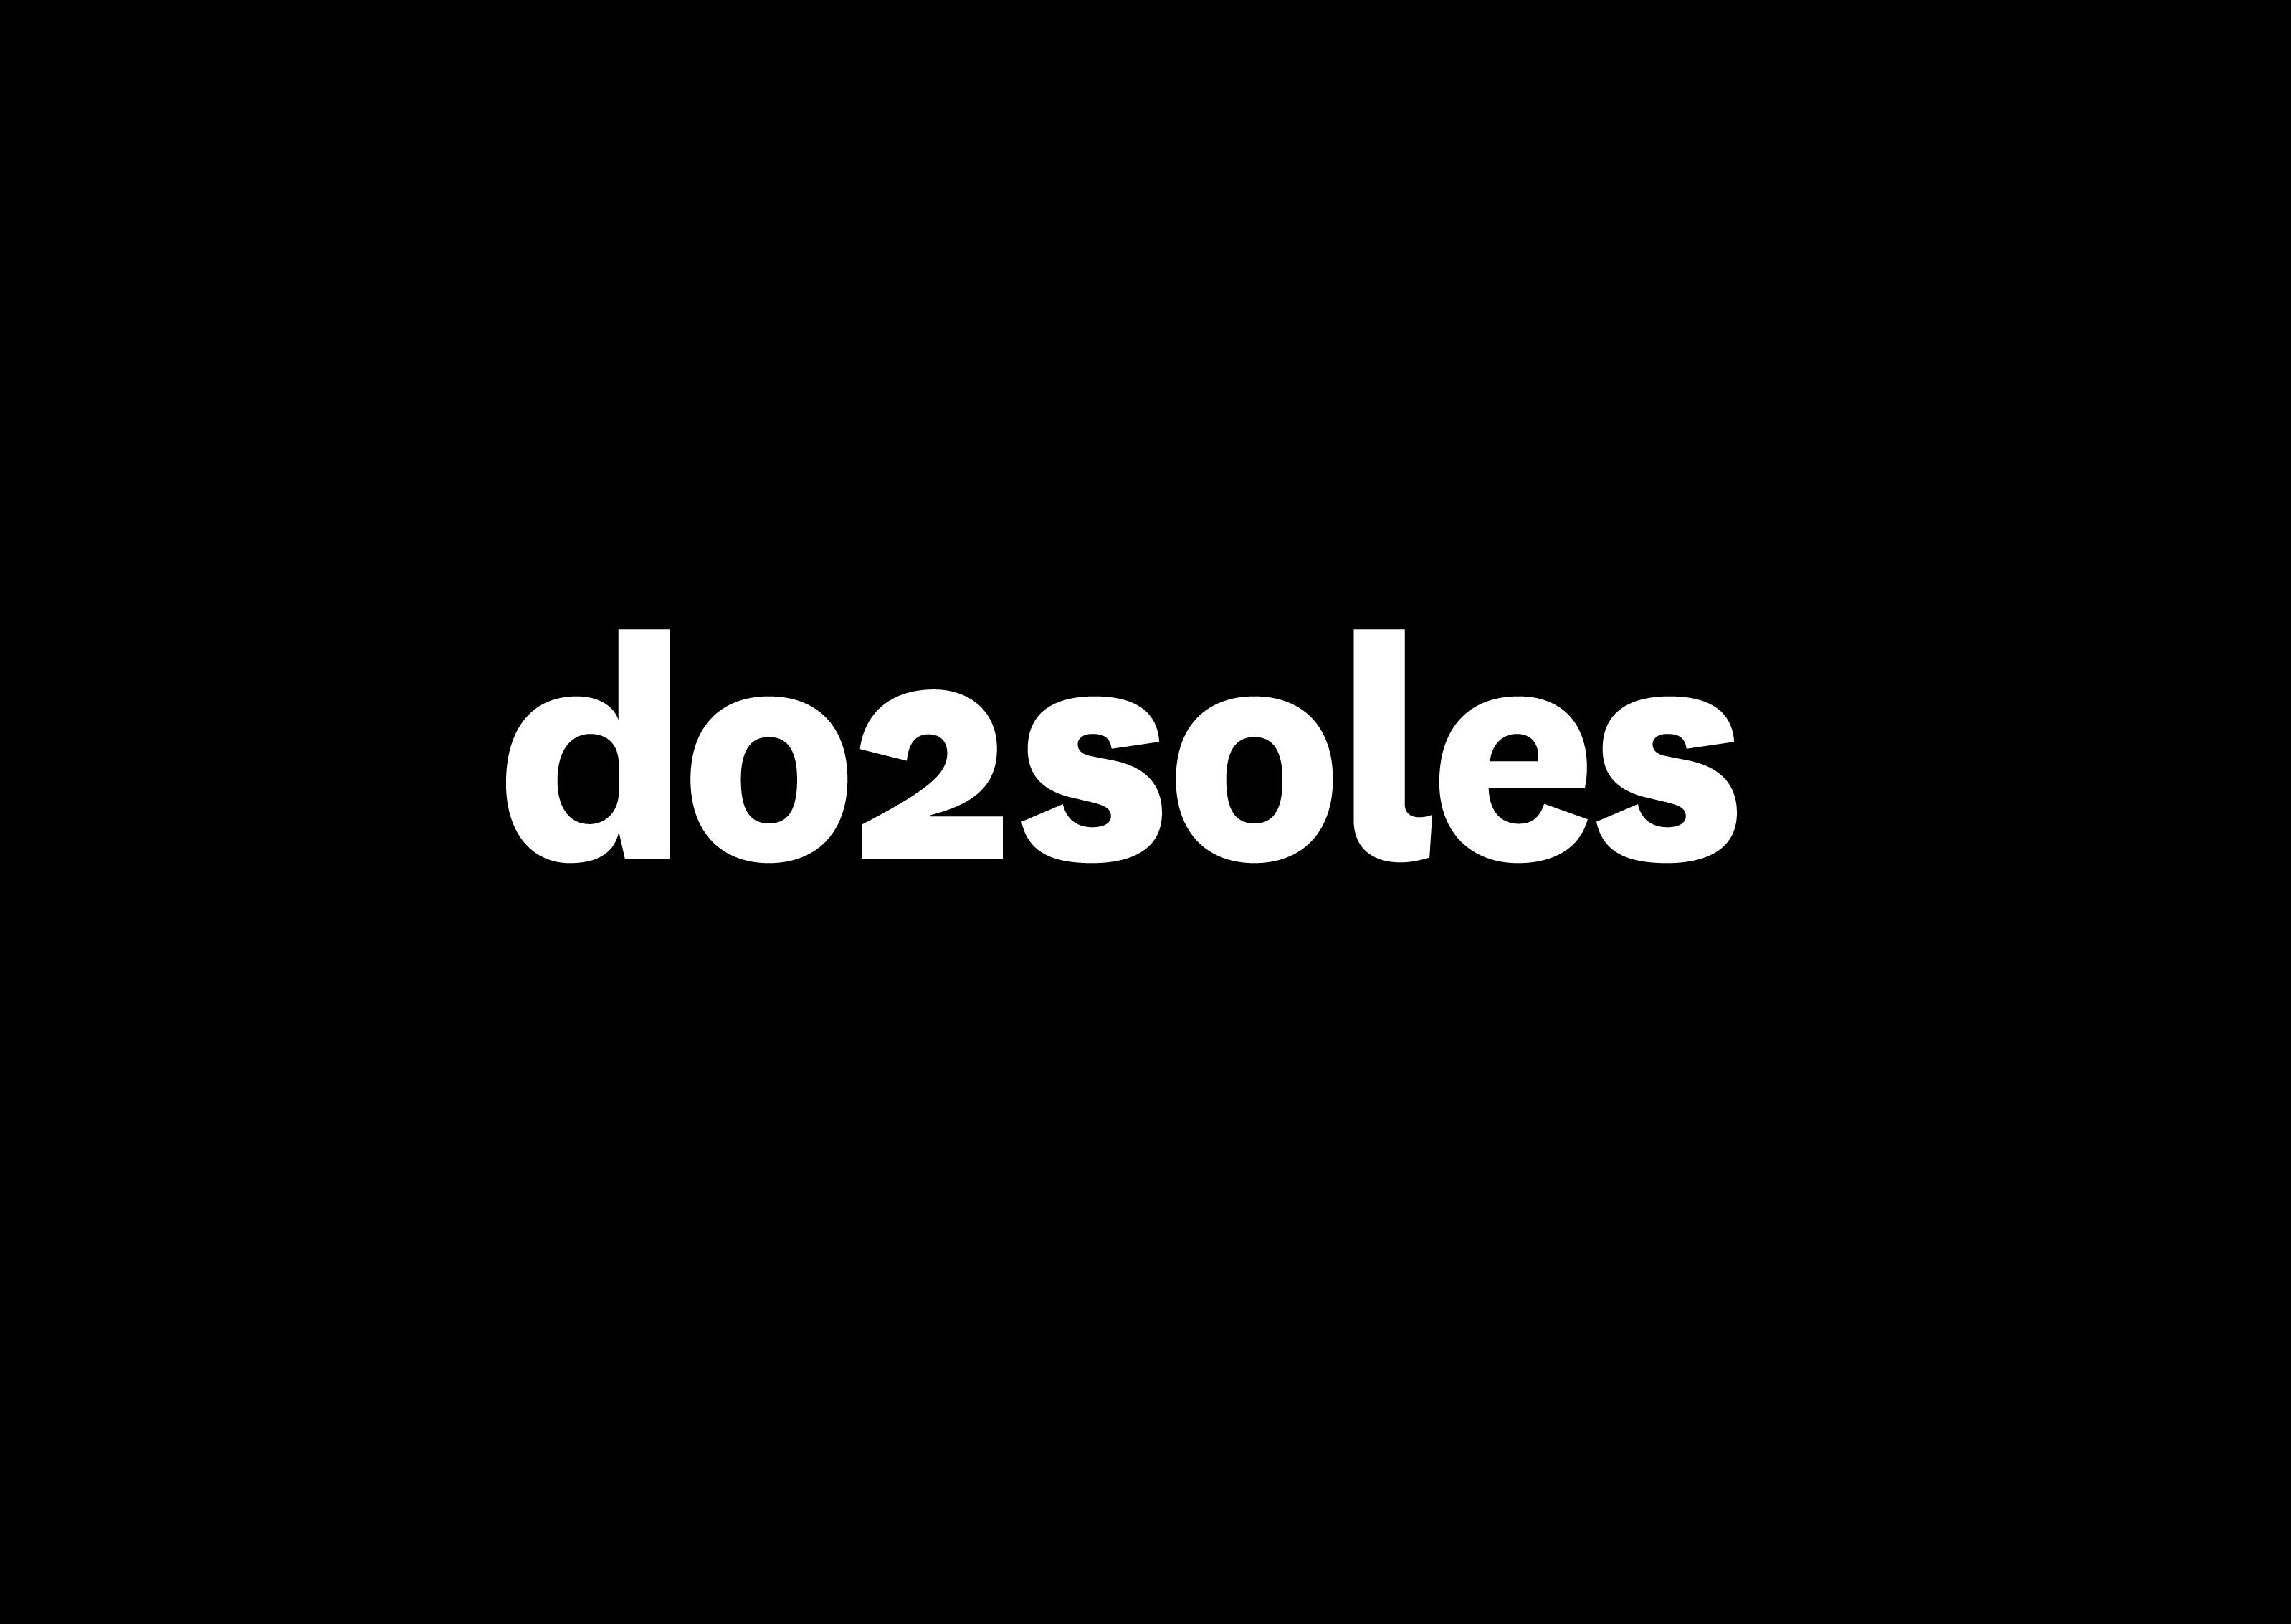 dos_soles.jpg